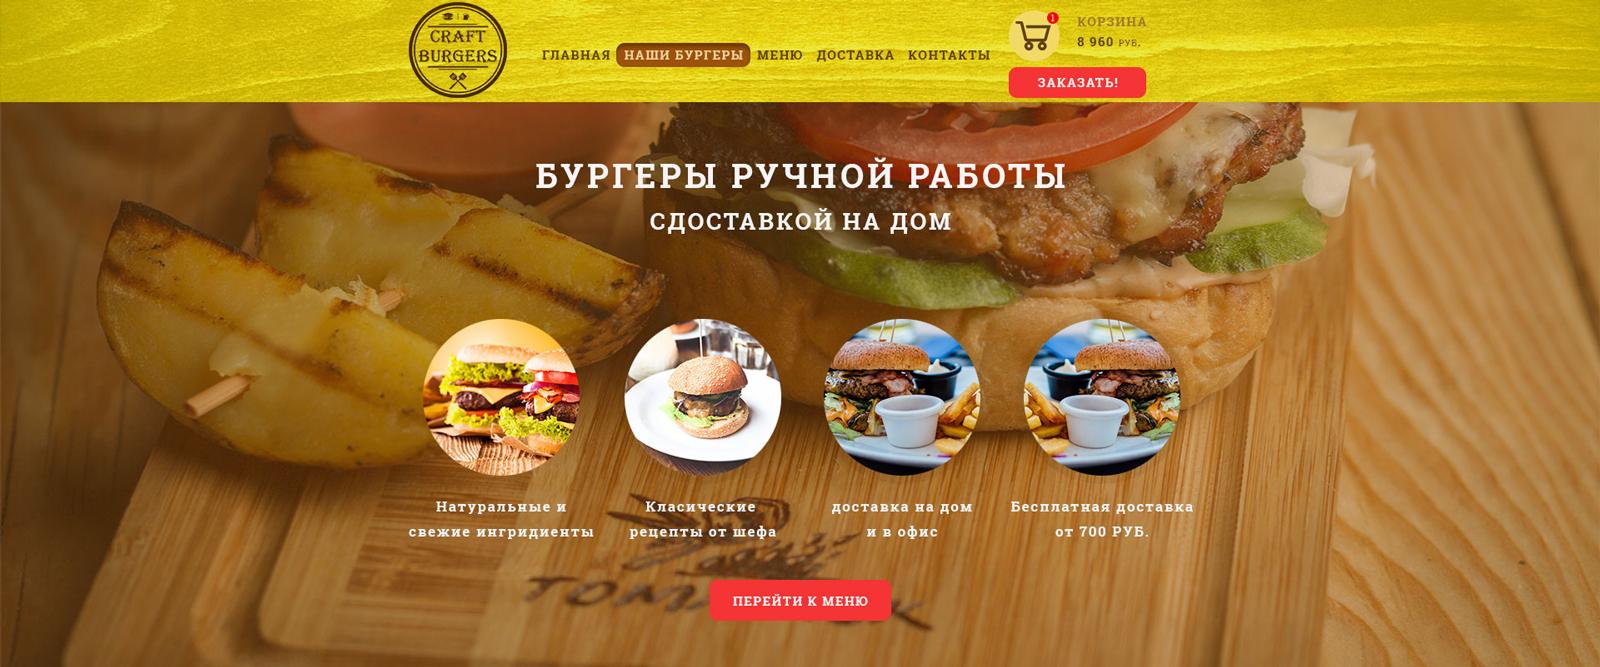 Сайт для реализации онлайн заказов еды